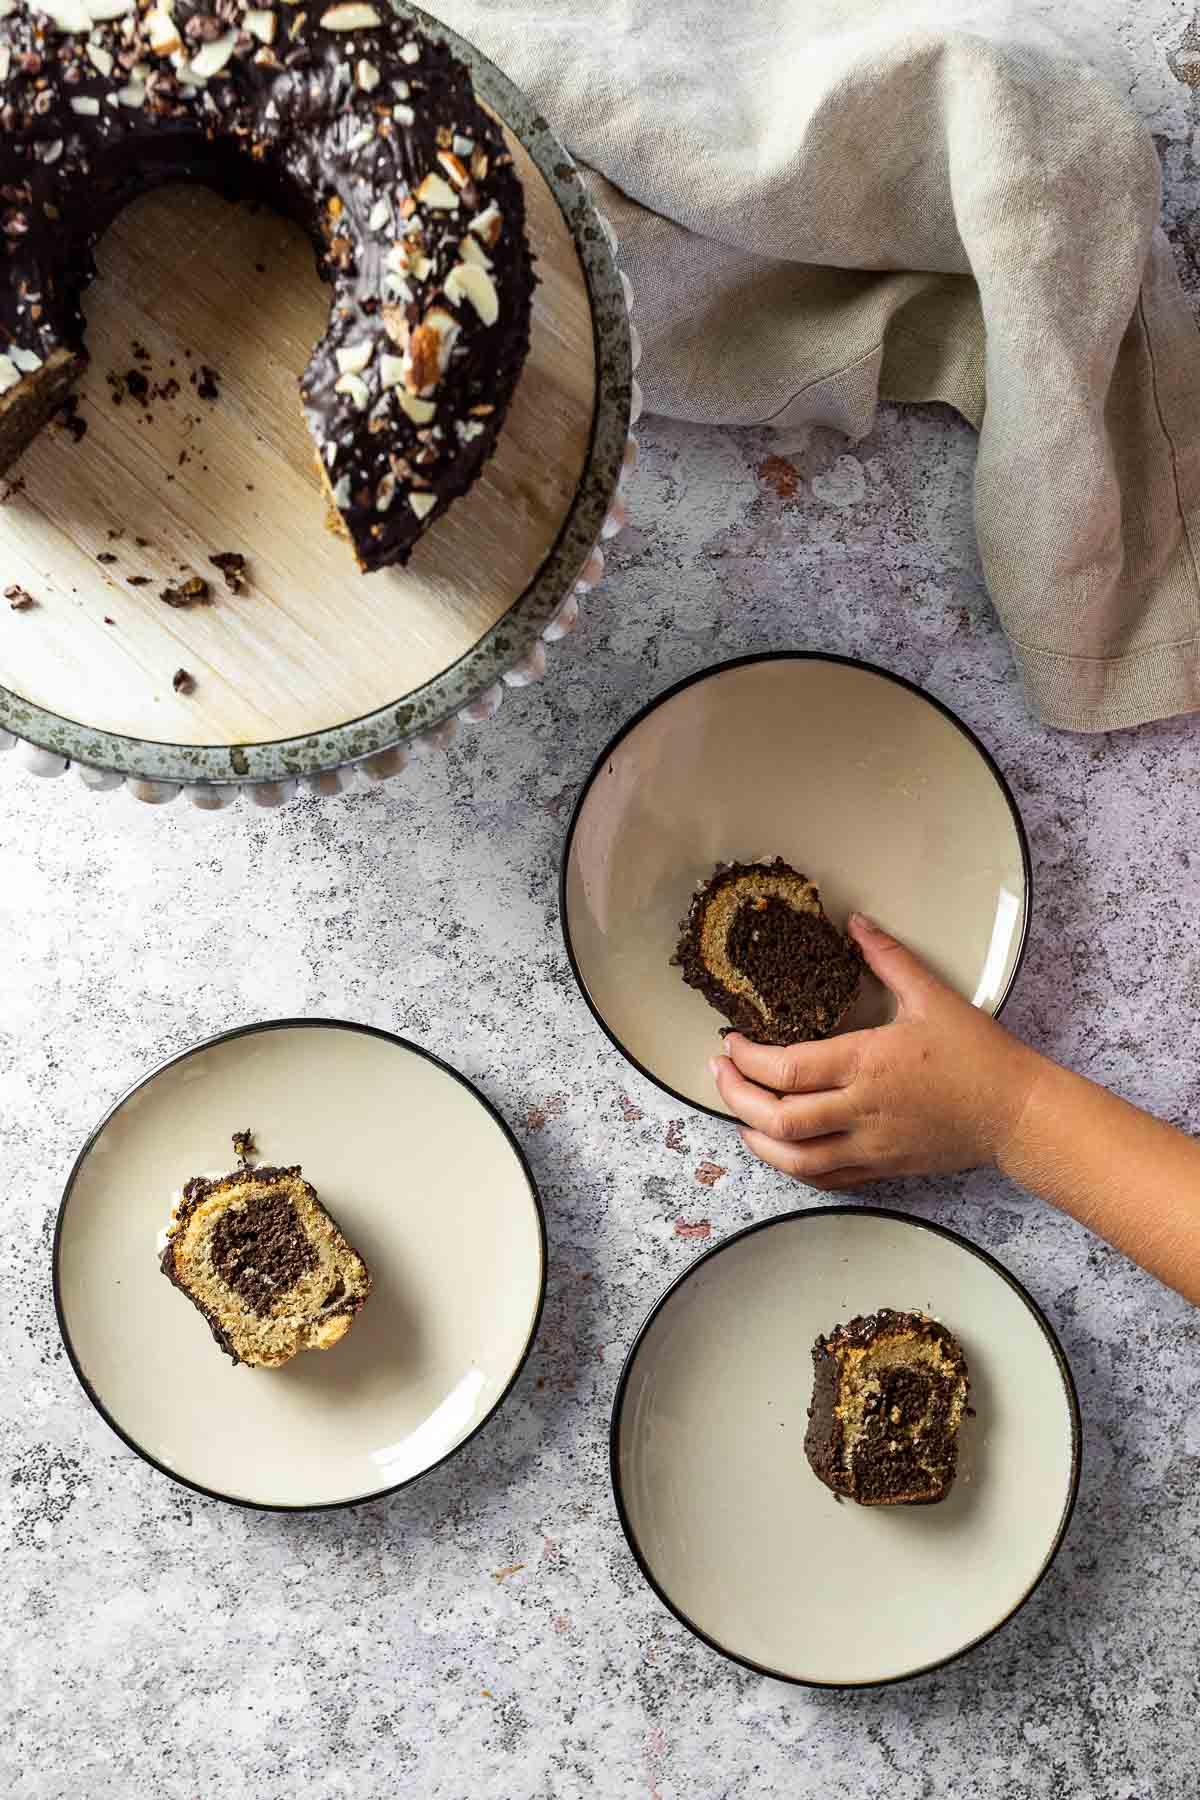 3 Teller mit je einem Stück Marmorkuchen und der Kuchenständer mit dem Kuchen darüber. Ein Stück halten.